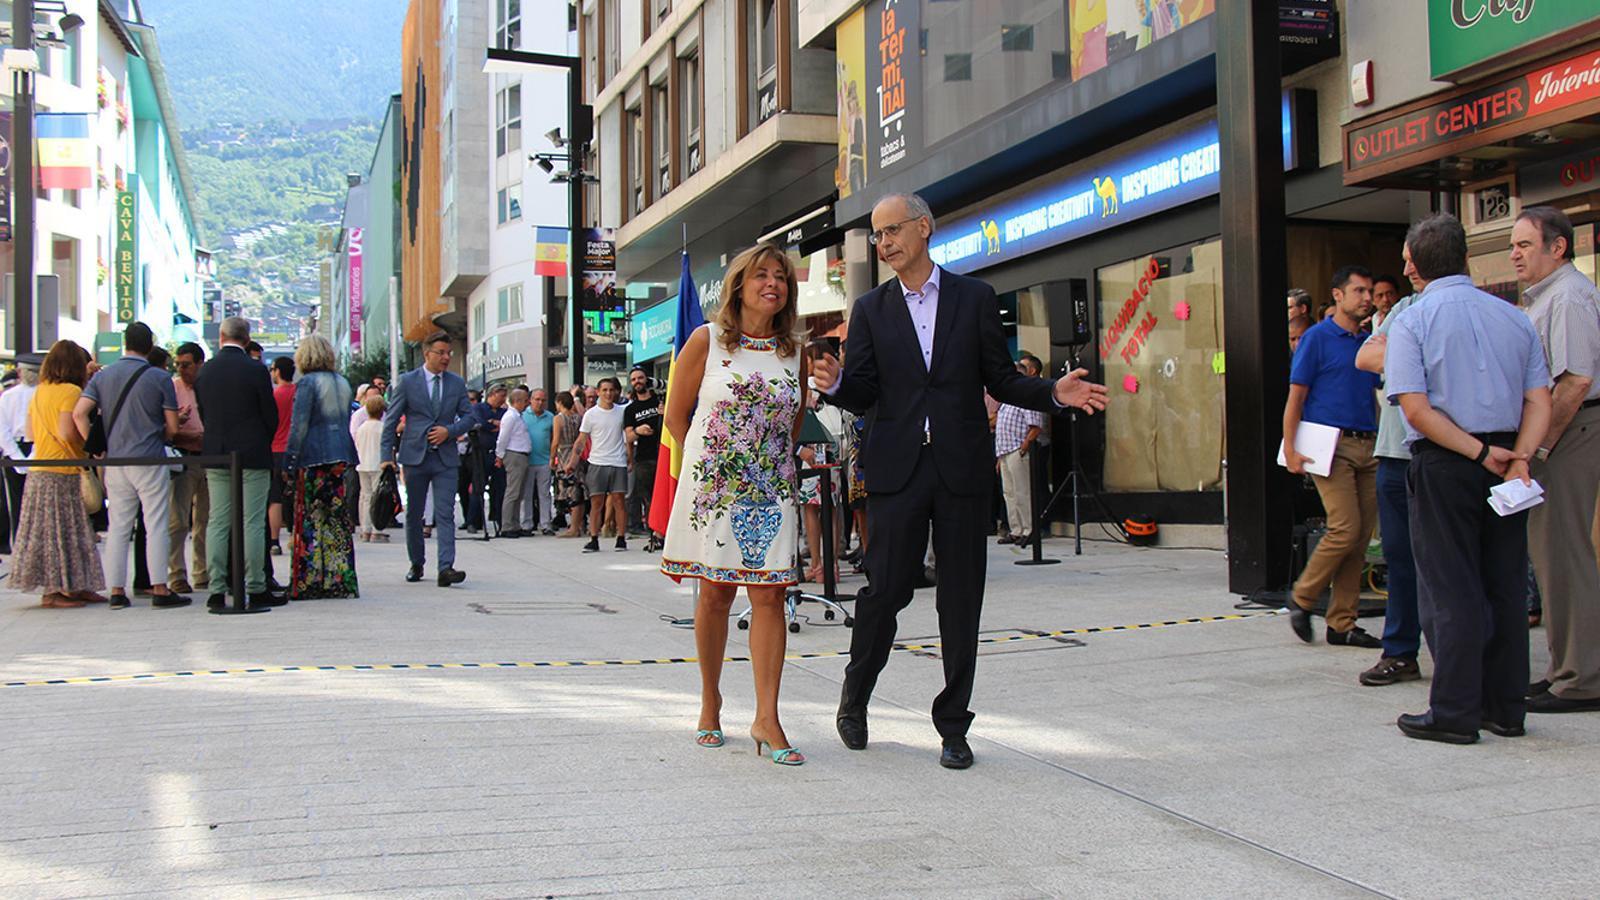 La cònsol major d'Andorra la Vella, Conxita Marsol, i el cap de Govern, Toni Martí, passegen per la remodelada avinguda Meritxell. / M. F.